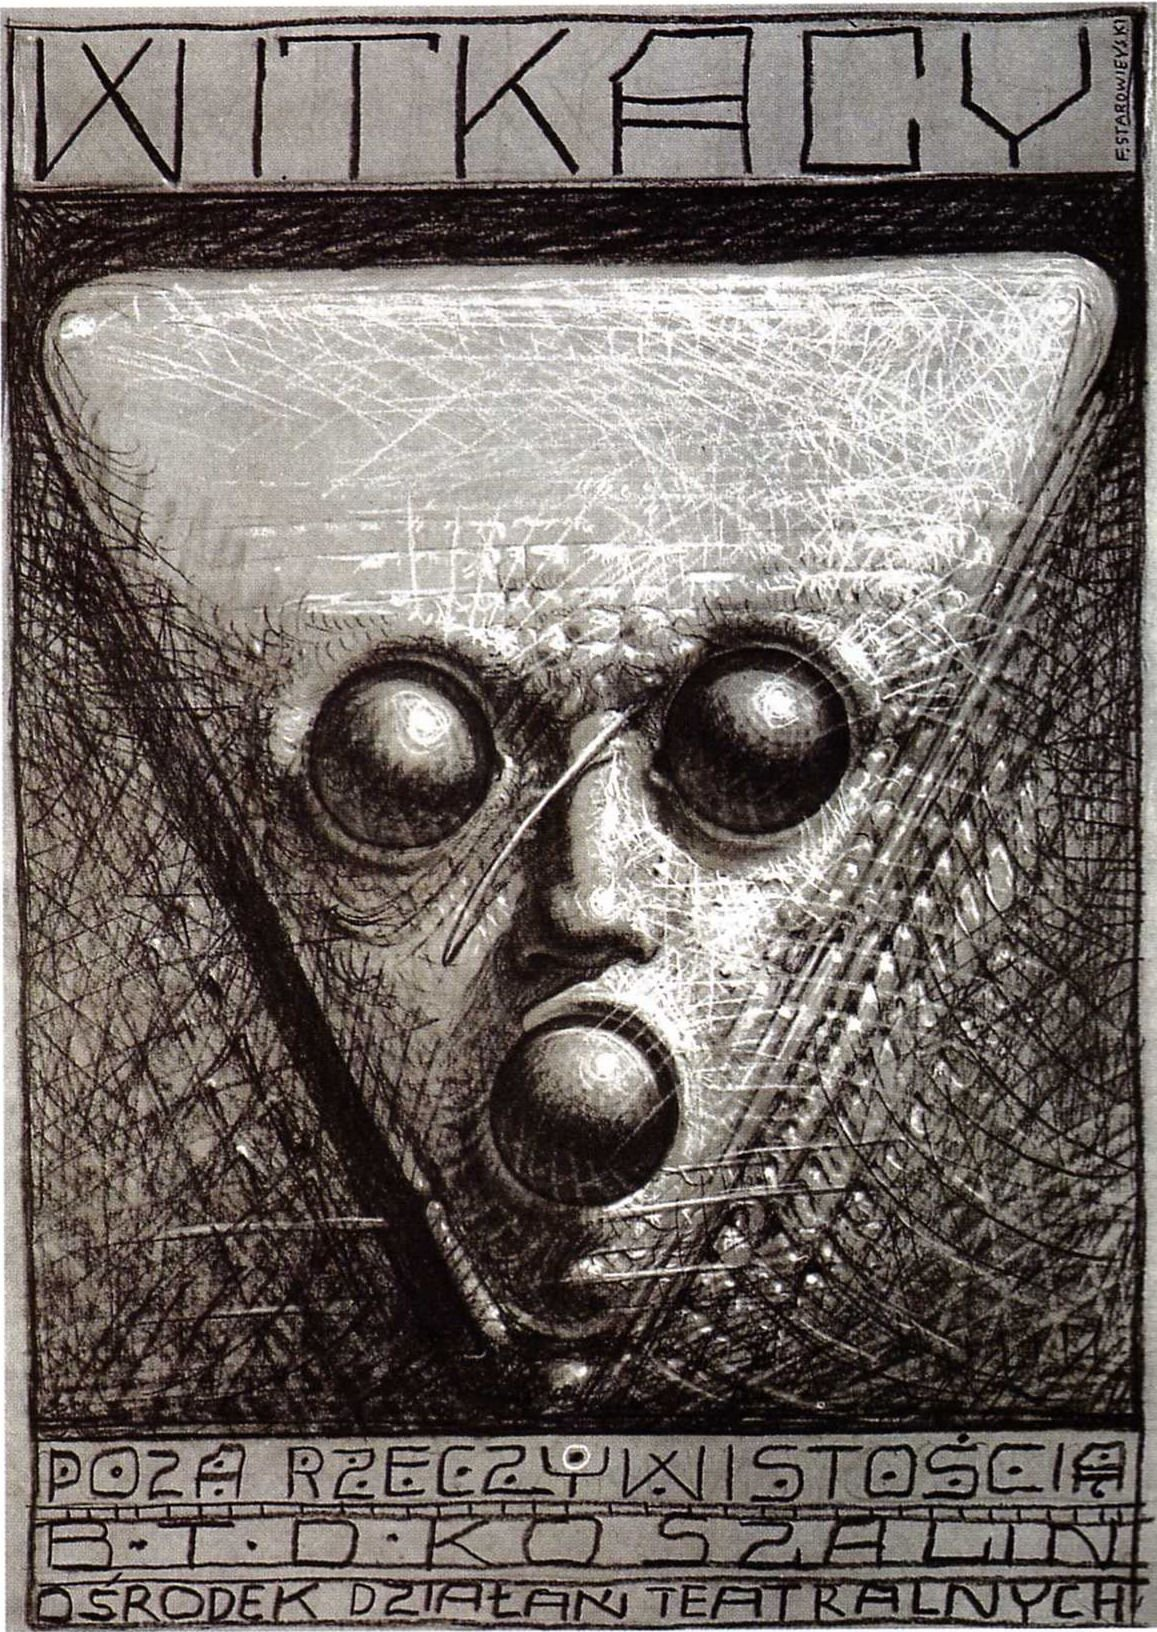 Franciszek Starowieyski - Beyond Reality, 1981